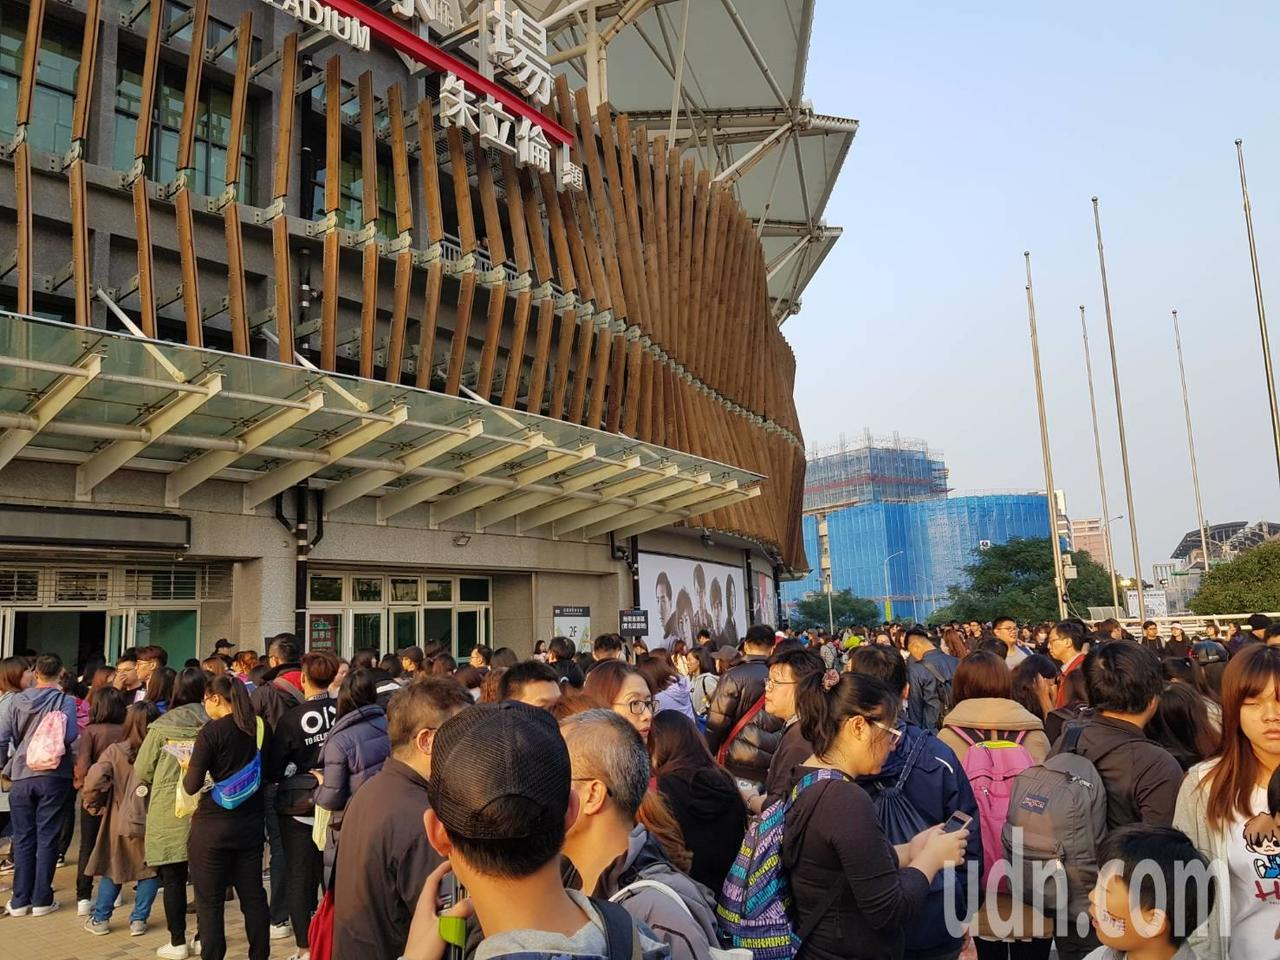 青埔棒球場下午4點已經有五月天歌迷排隊等進場。記者鄭國樑/攝影